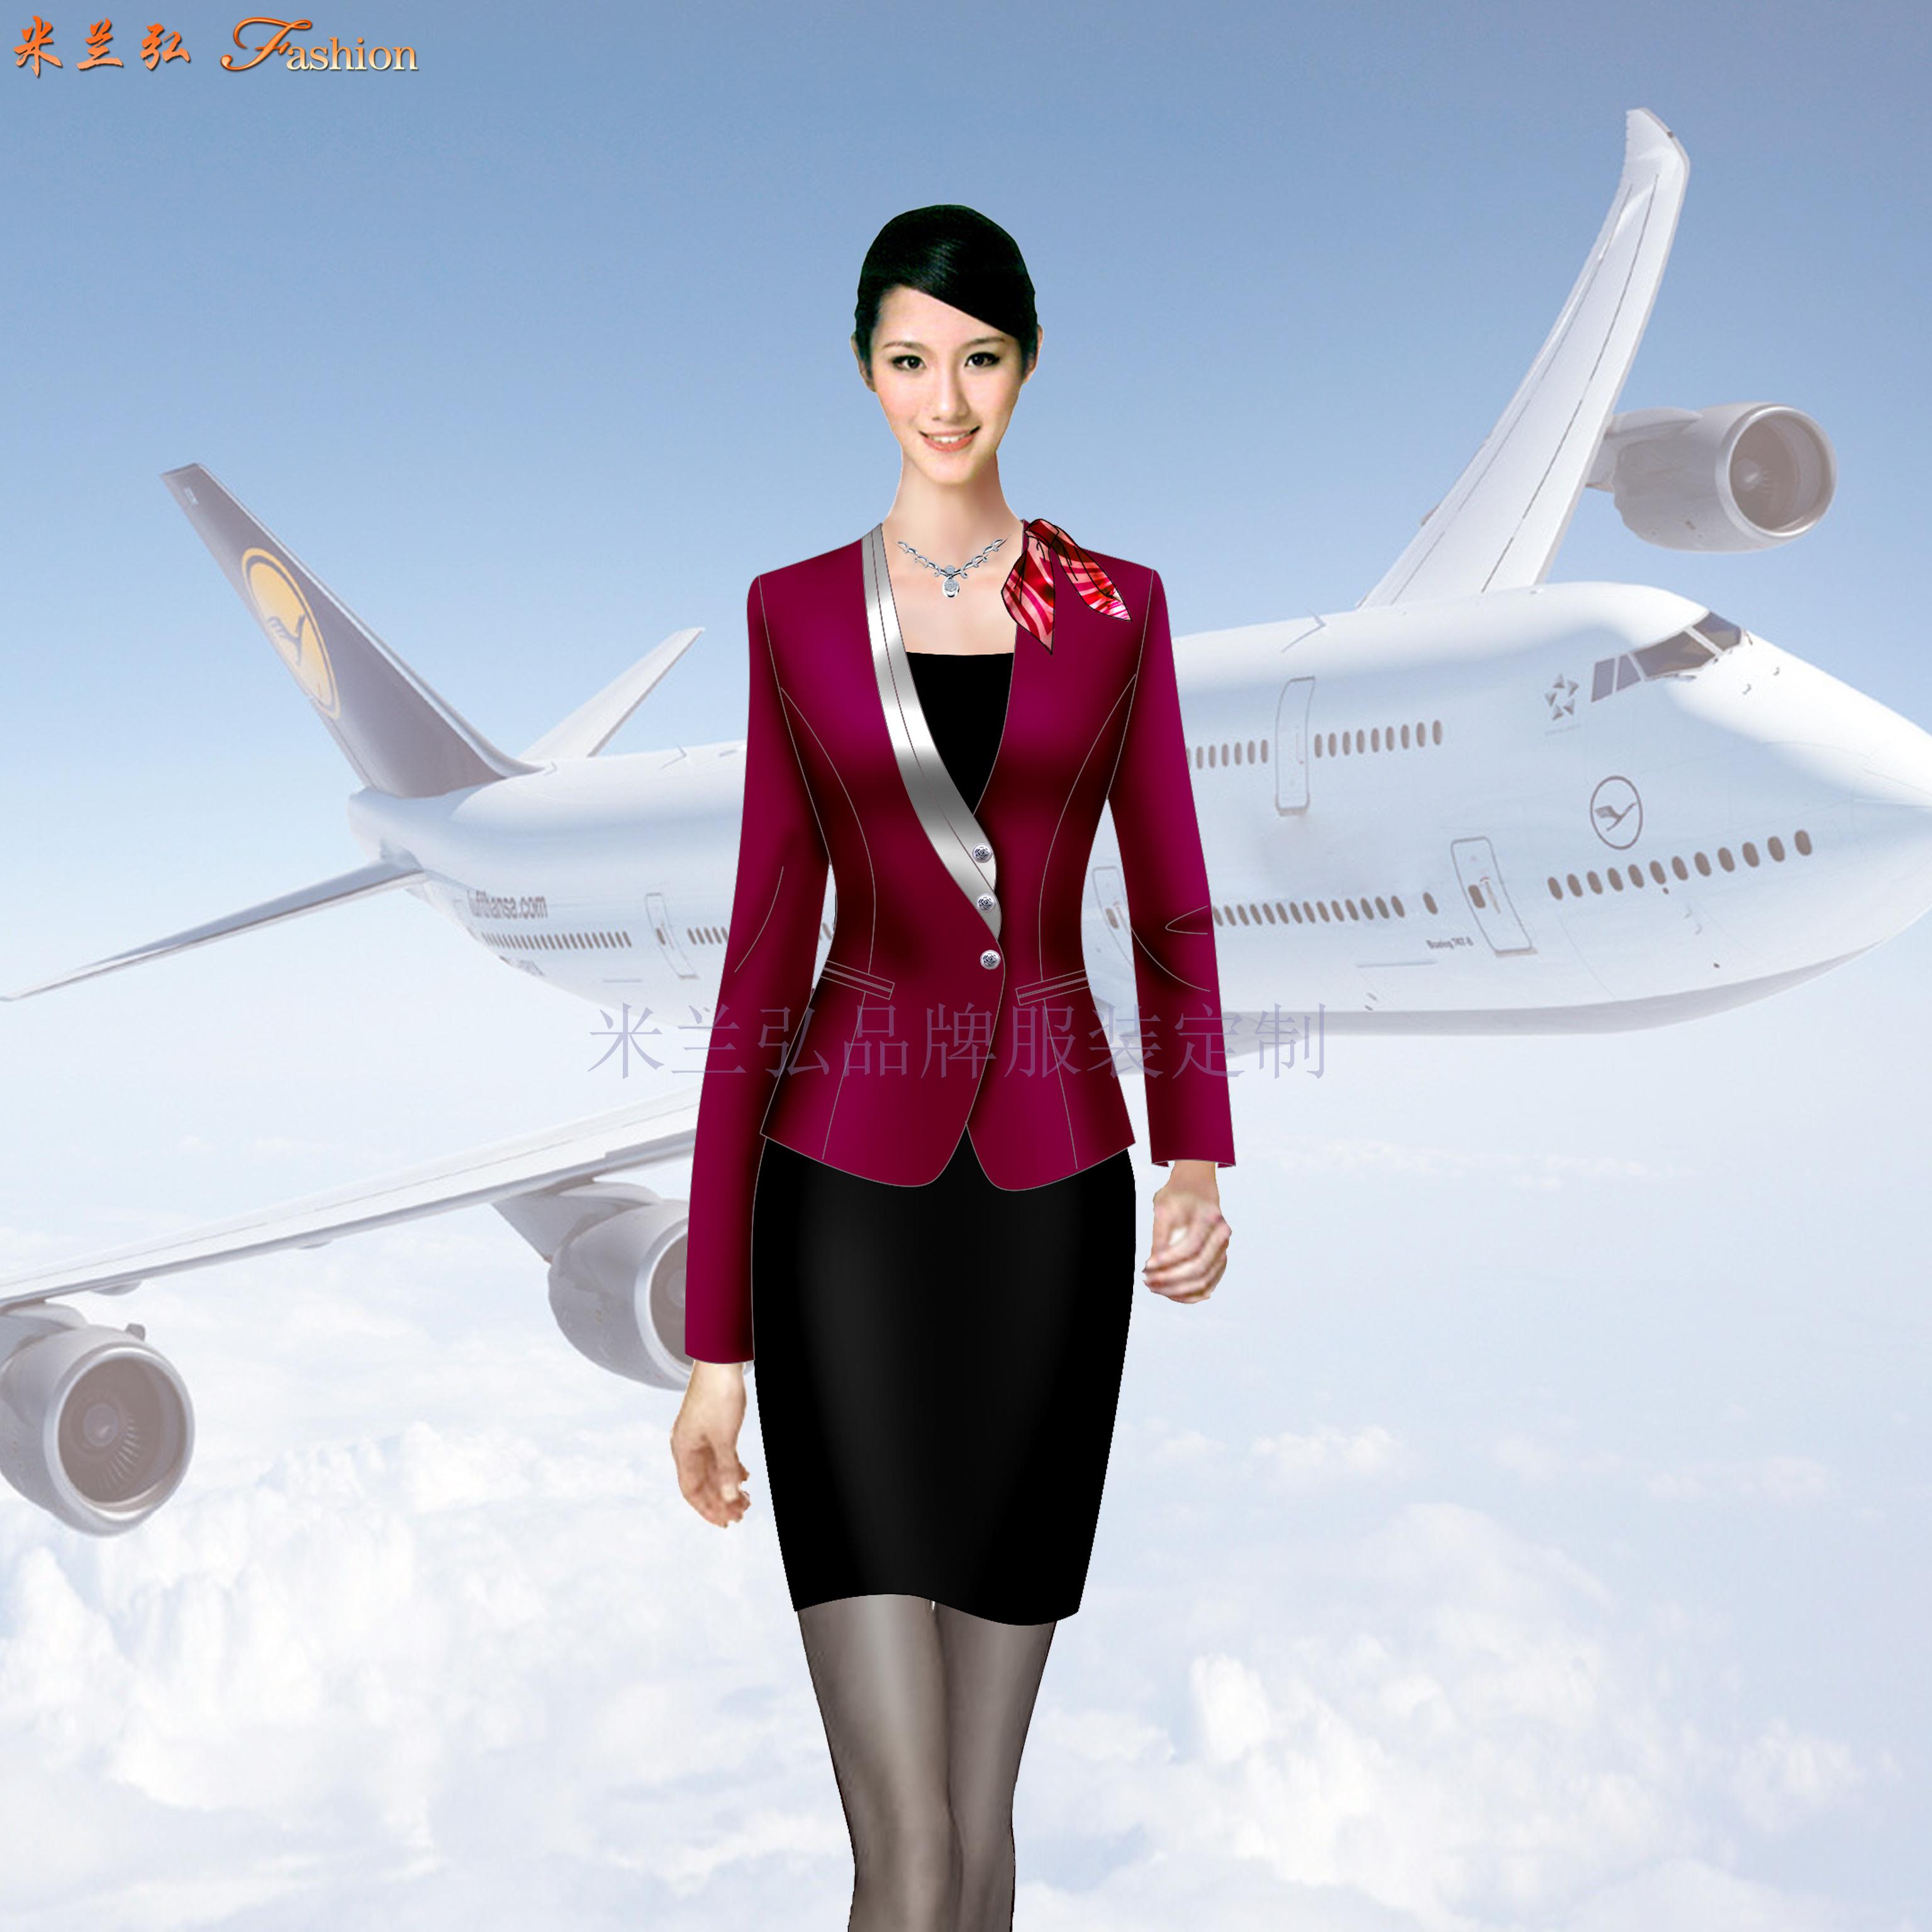 空姐職業裝定做圖片_空乘時裝套裝訂制-米蘭弘服裝廠家-3